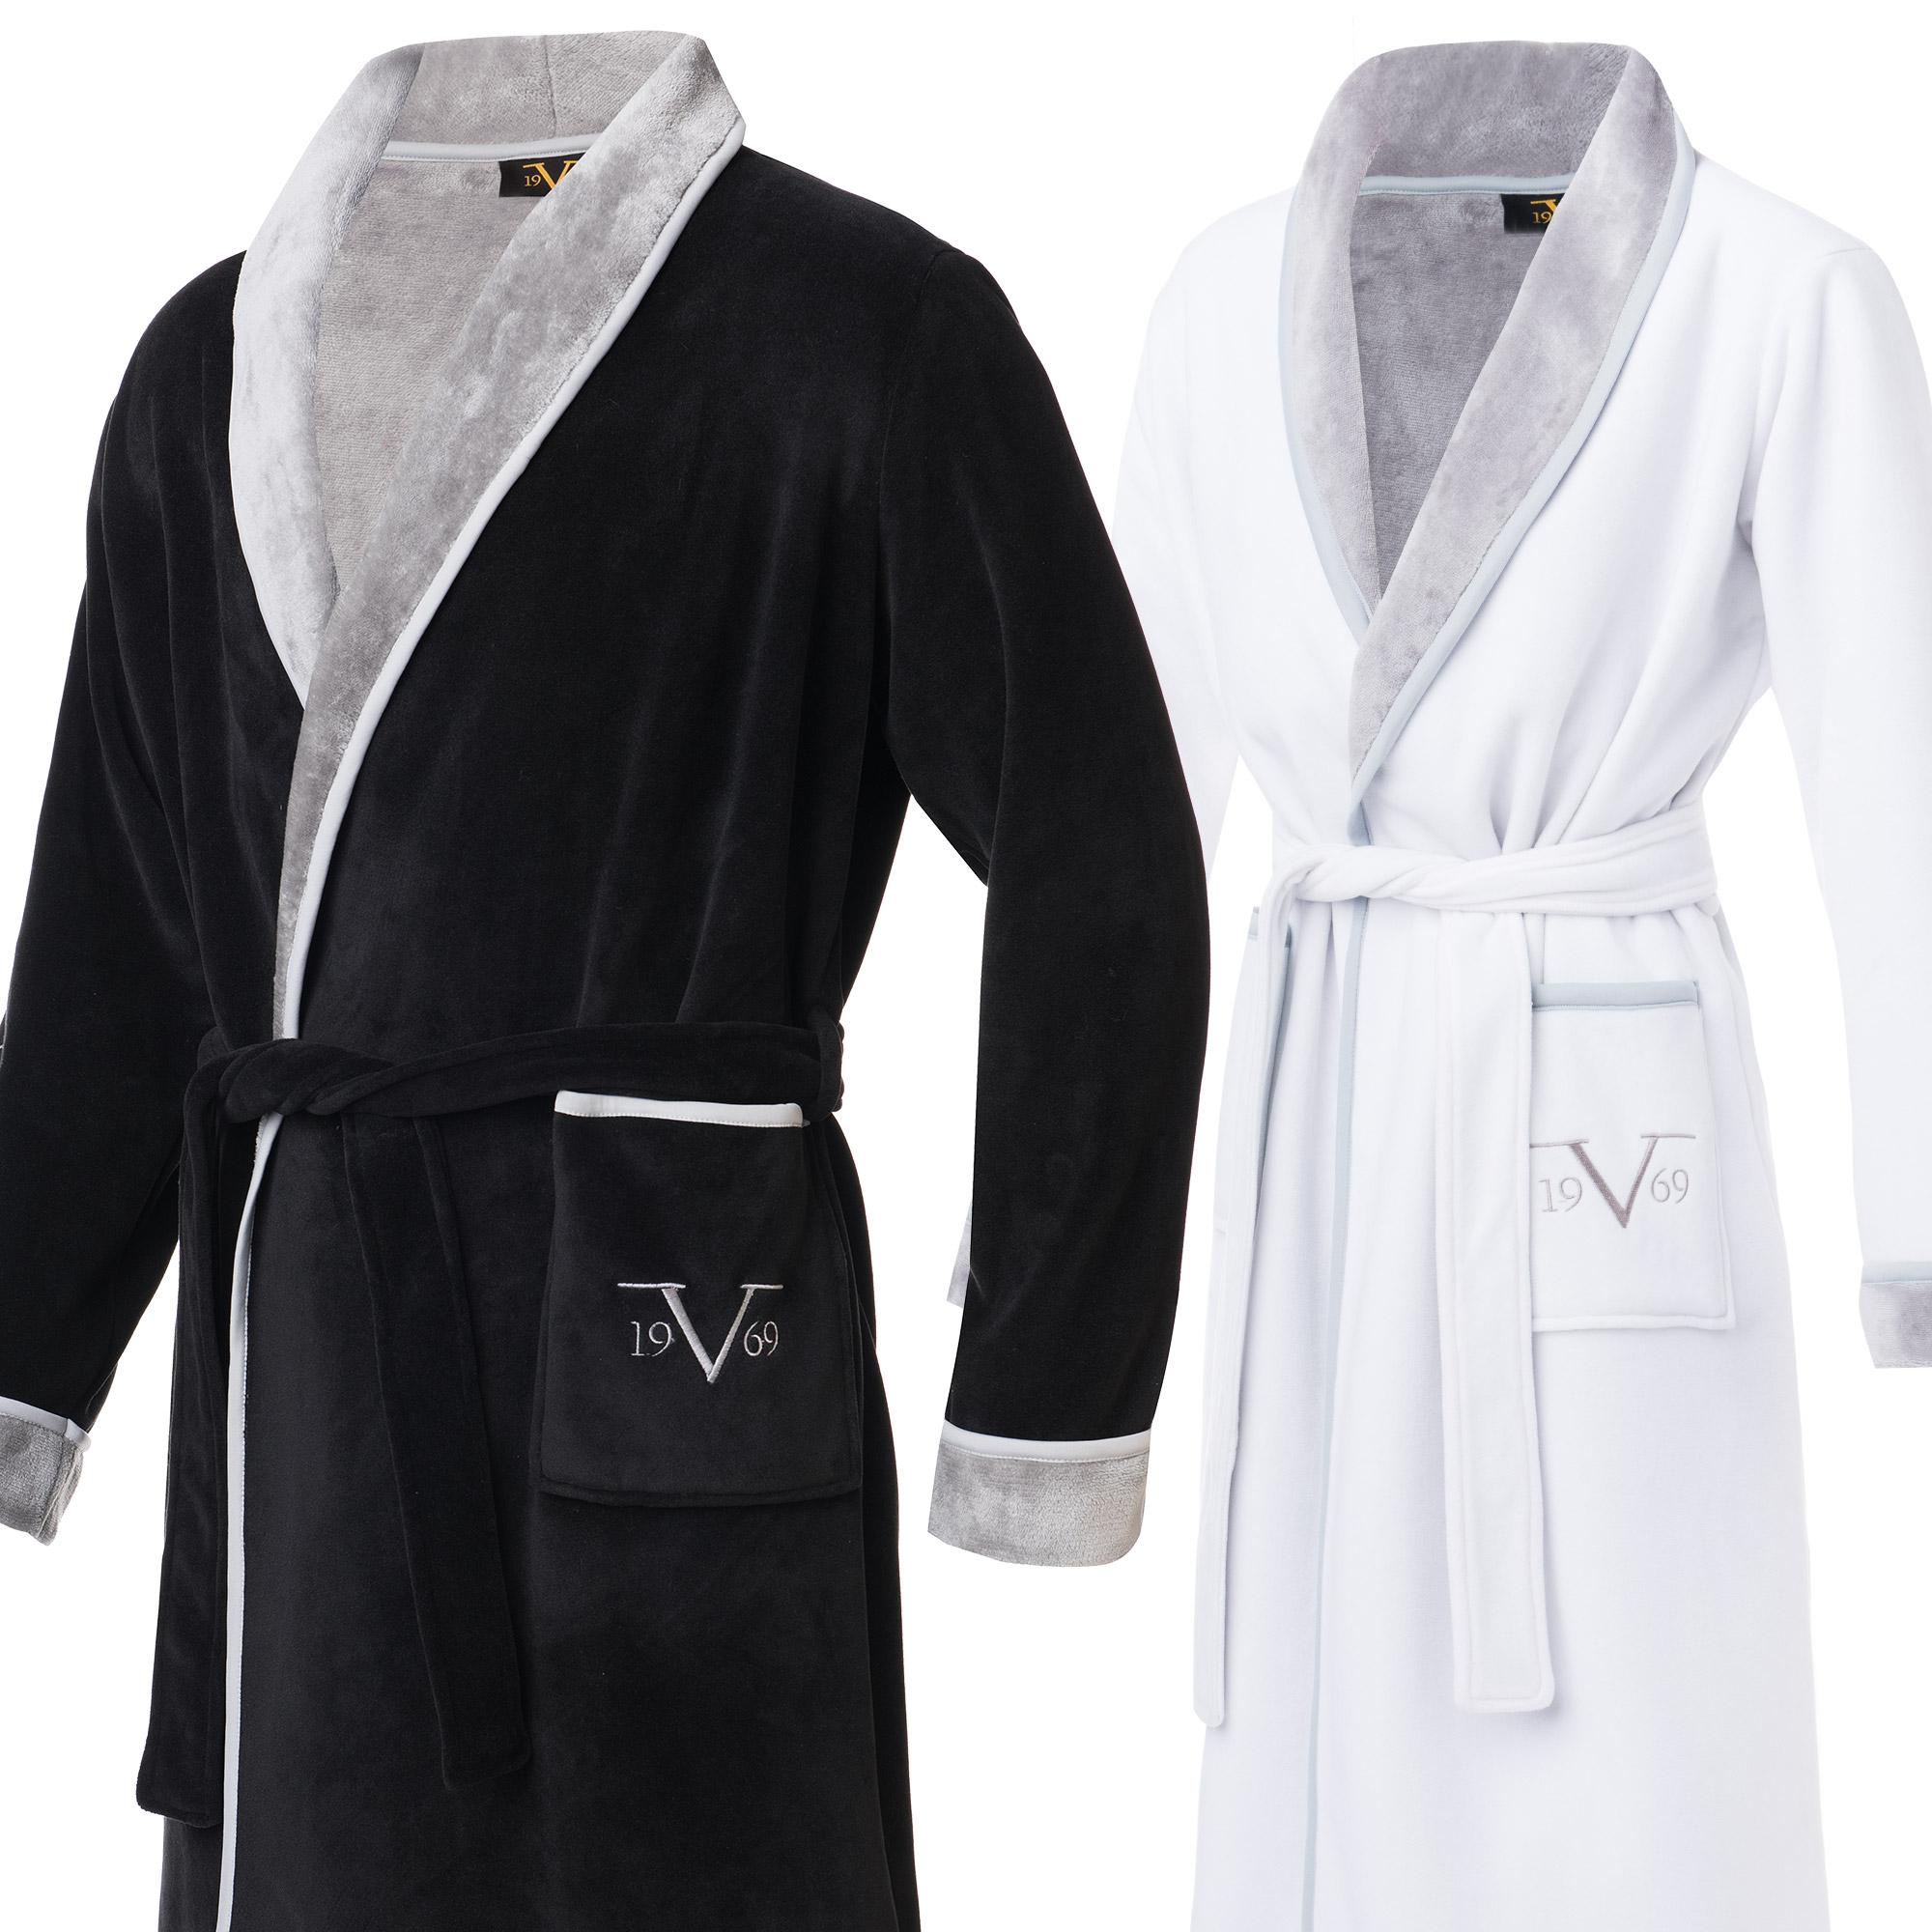 geringster Preis Für Original auswählen guter Service Details zu 19V69 Versace 1969 Bademantel - Wellness Mantel ( V76 )